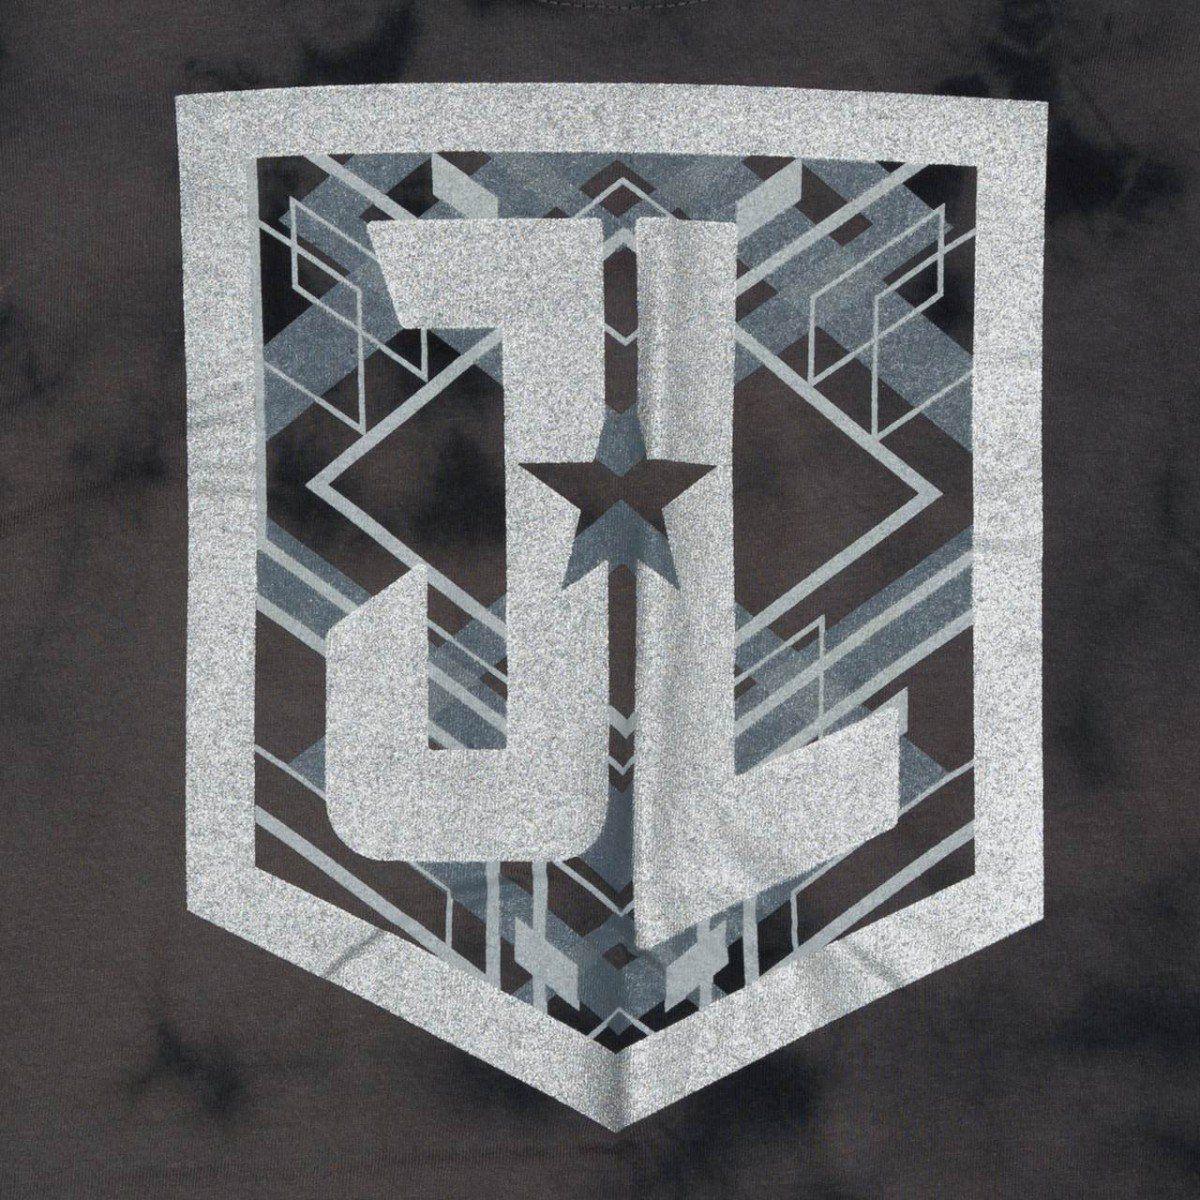 Camiseta Masculina Símbolo Liga da Justiça (Justice League) Chumbo